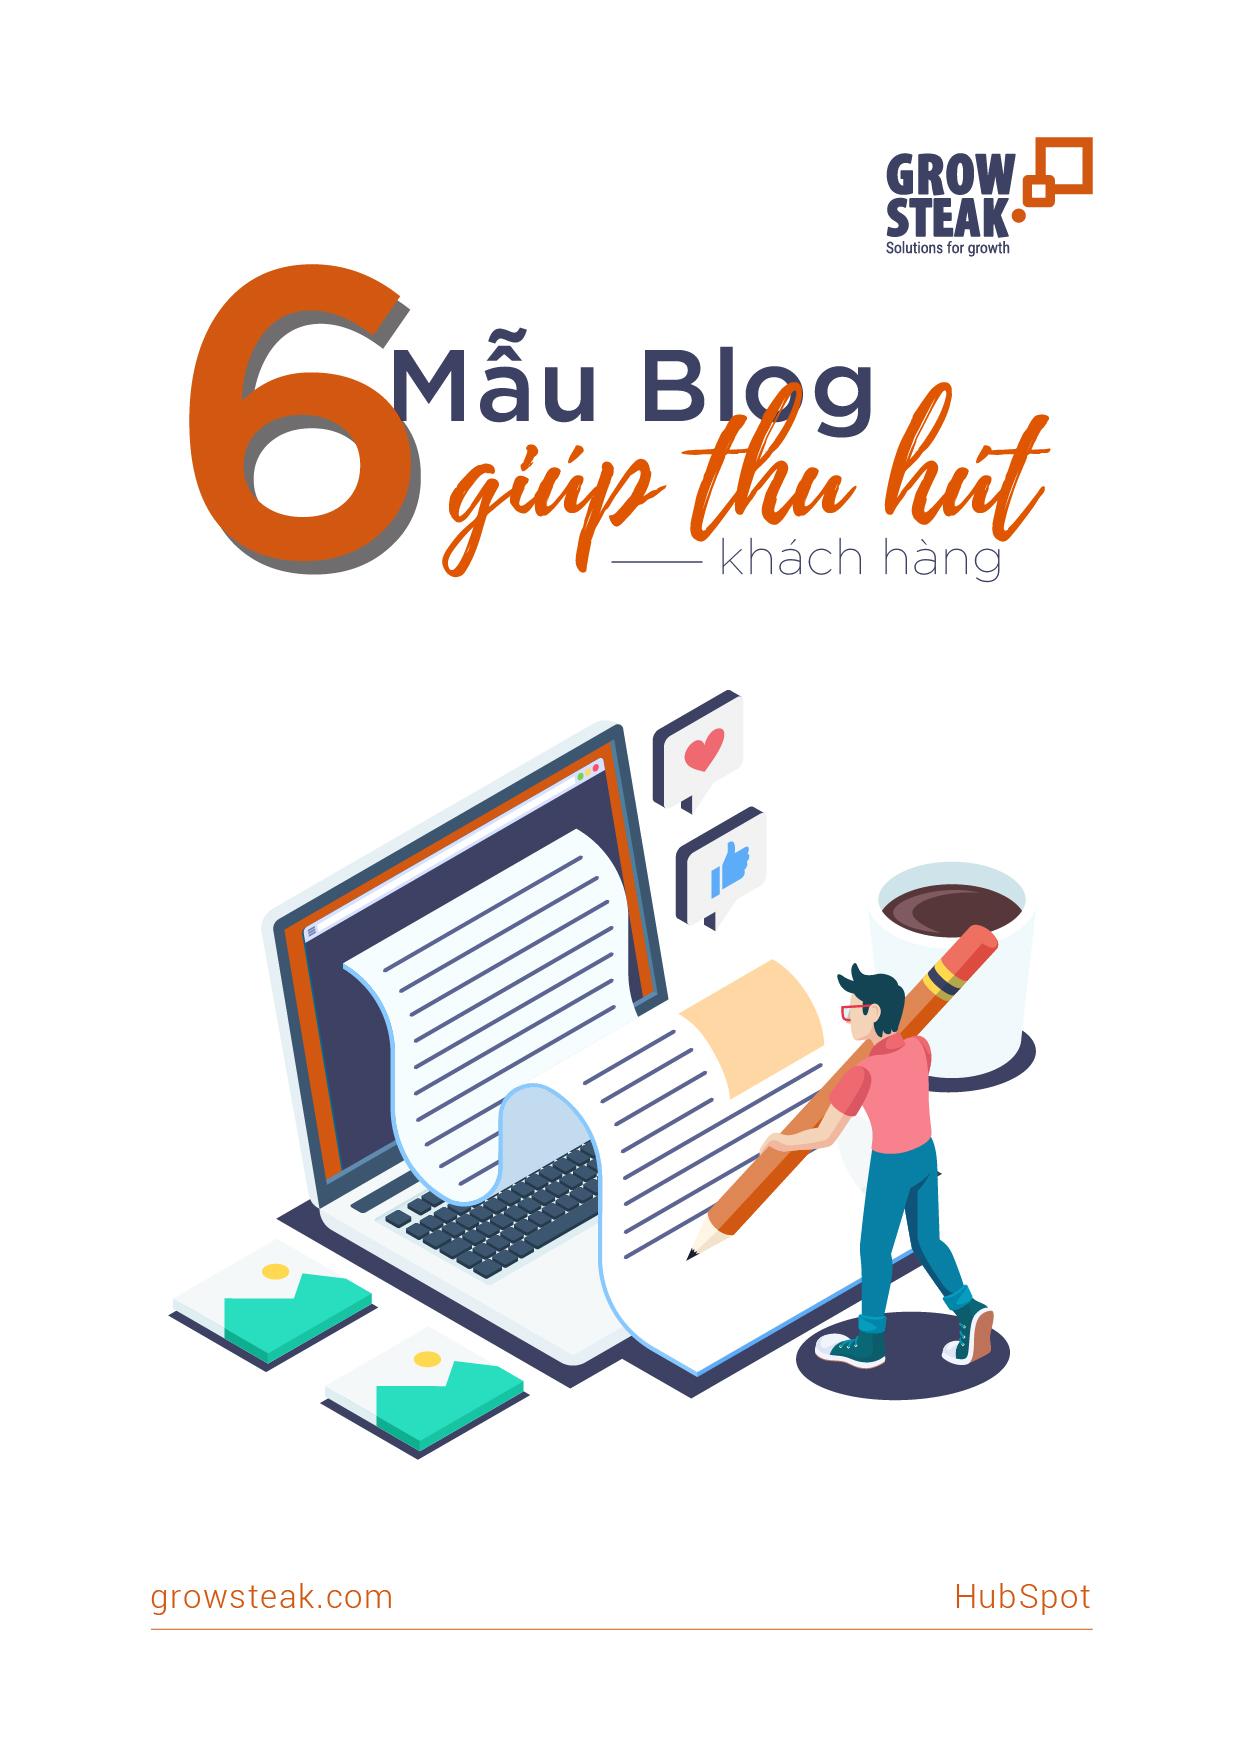 [COVER] 6 mẫu blog giúp thu hút khách hàng-01